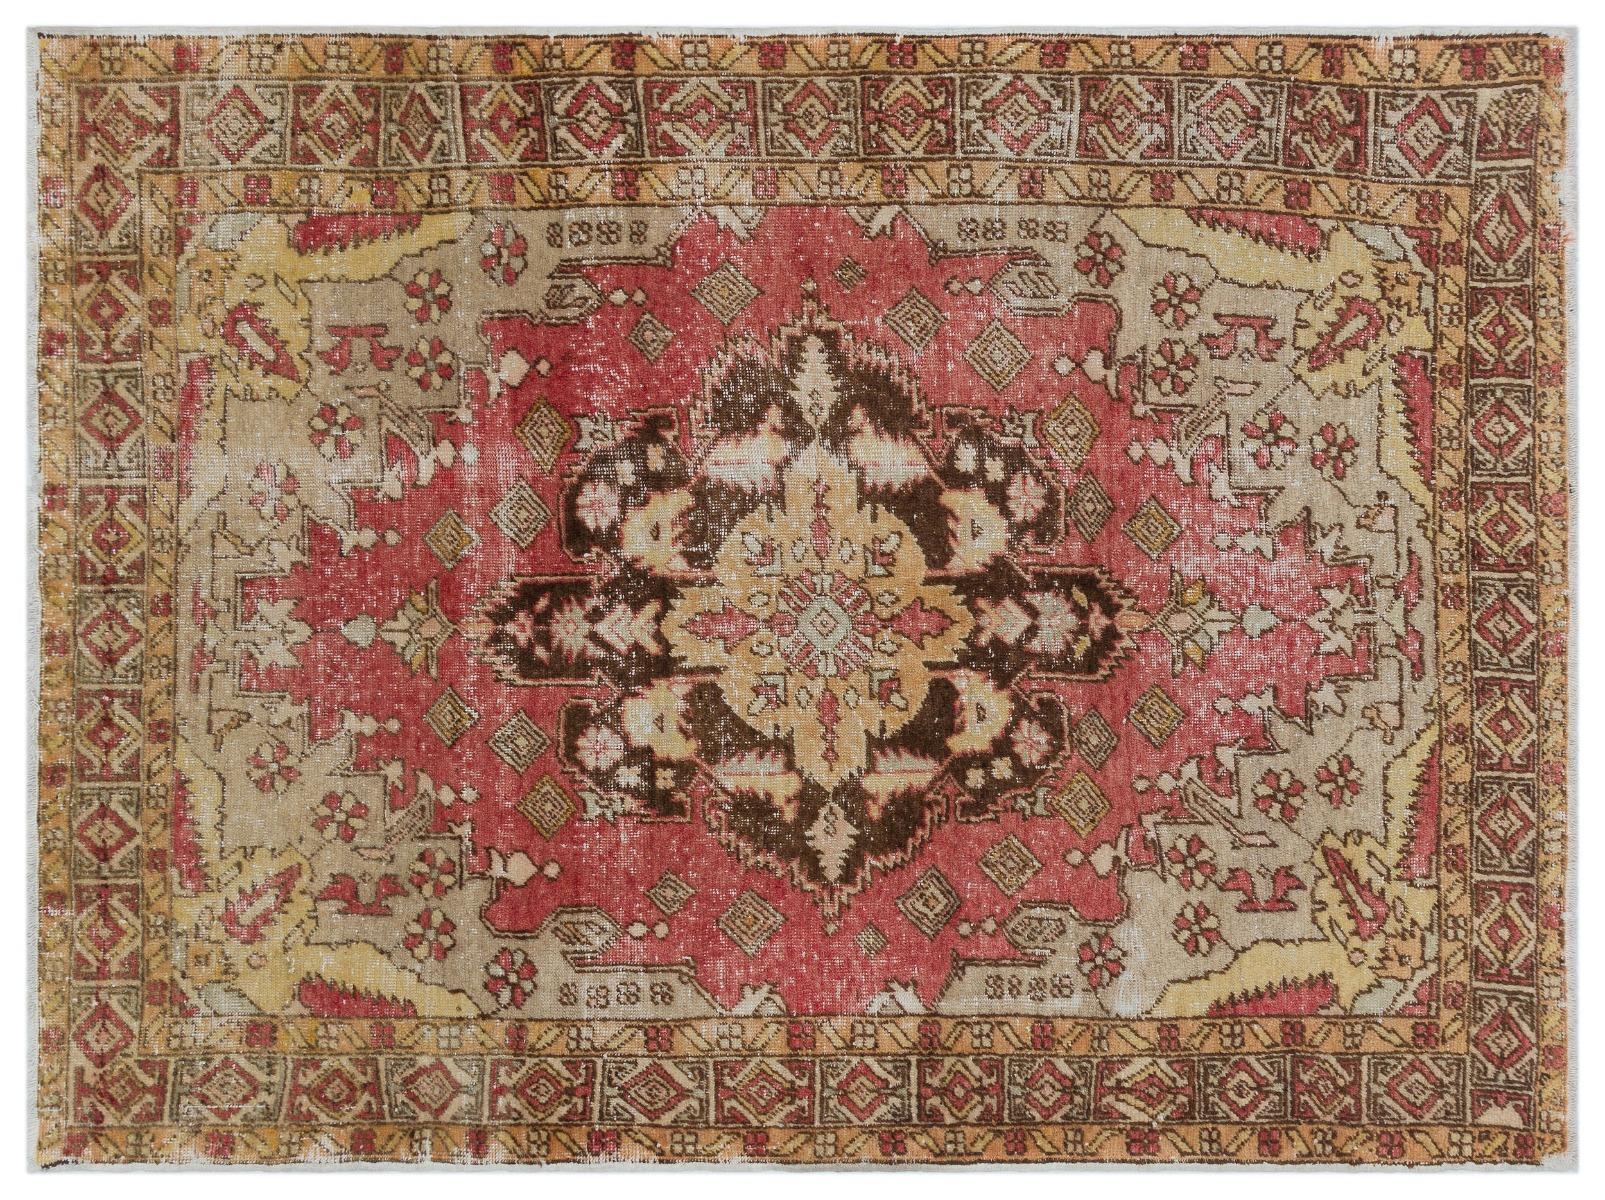 Vintage vloerkleed rood met geel